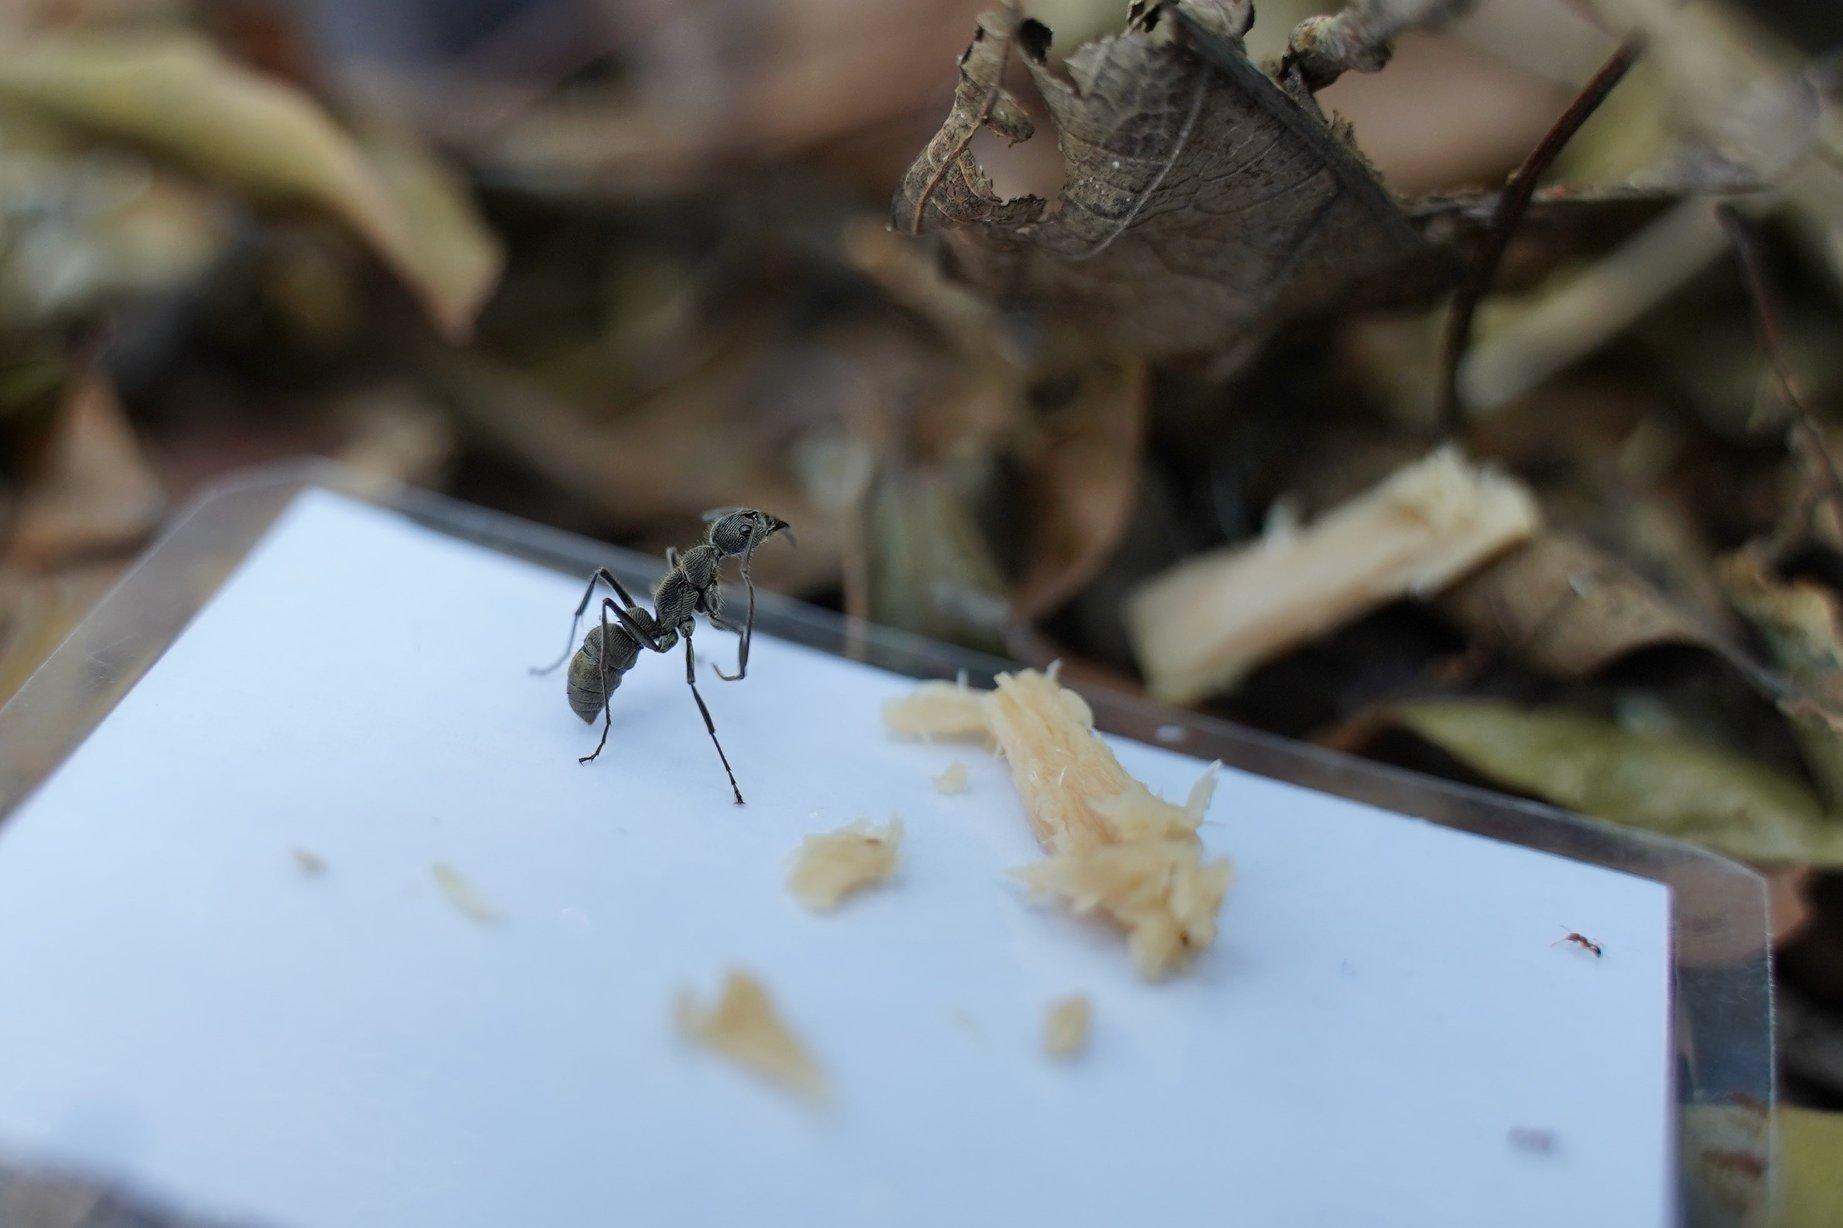 皺紋雙刺猛蟻 Diacamma rugosum